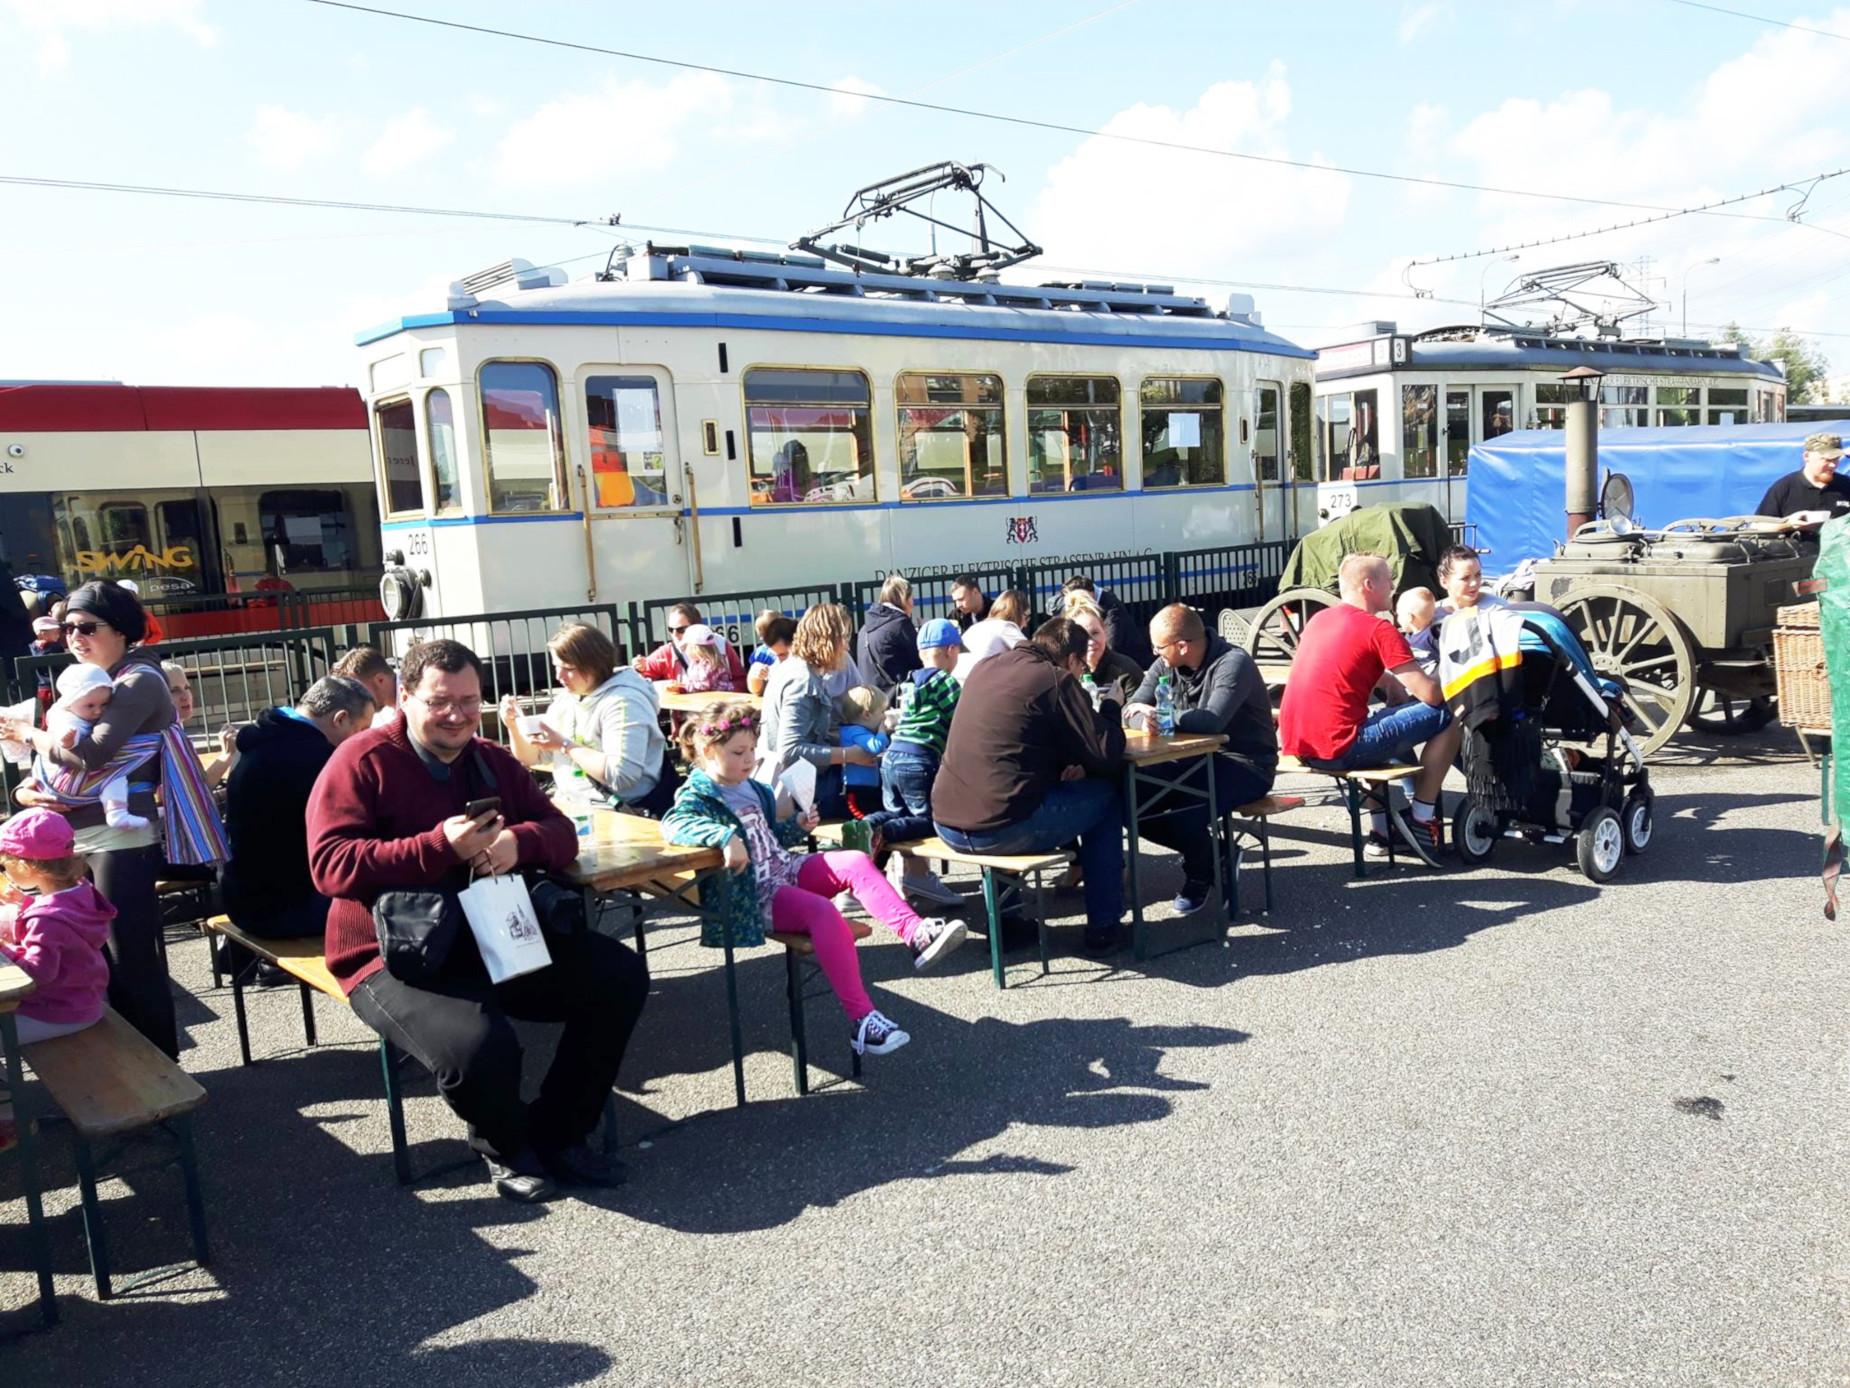 Symulator autobusu i zabytkowe tramwaje. A do tego pojazdy ratownicze i liczne konkursy z nagrodami. Komunikacyjny festyn na gdańskim Chełmie